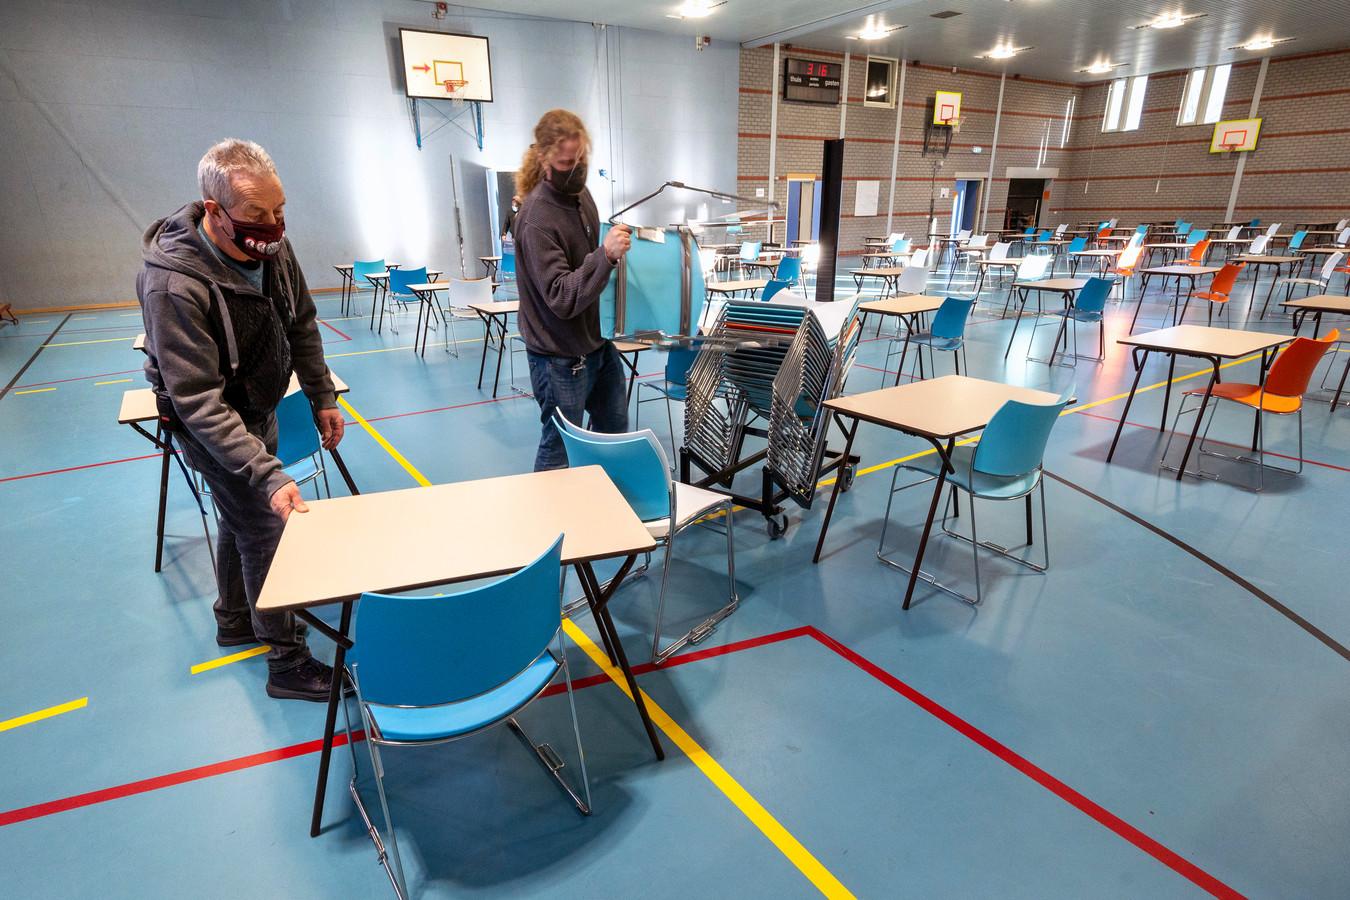 Bij het Olympus College worden in de gymzaal in allerijl tafels en stoelen met anderhalve meter afstand van elkaar gezet voor het maken van toetsen door eindexamenklassen.